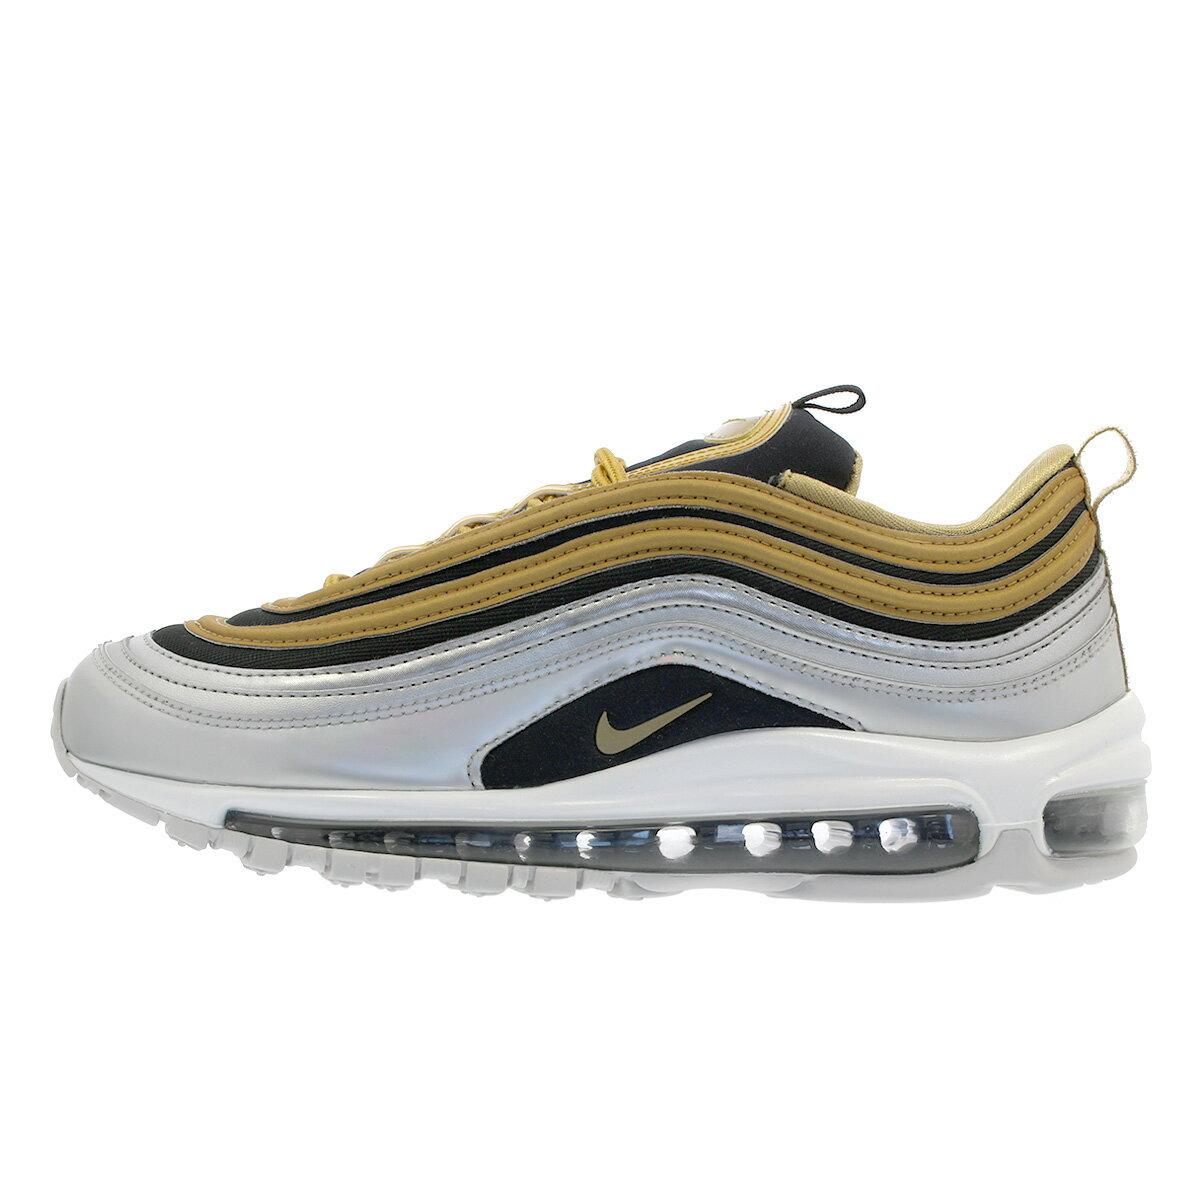 Nike Wmns Air Max 97 SE Metallic Gold Silver Black Women Shoe Sneaker AQ4137-700